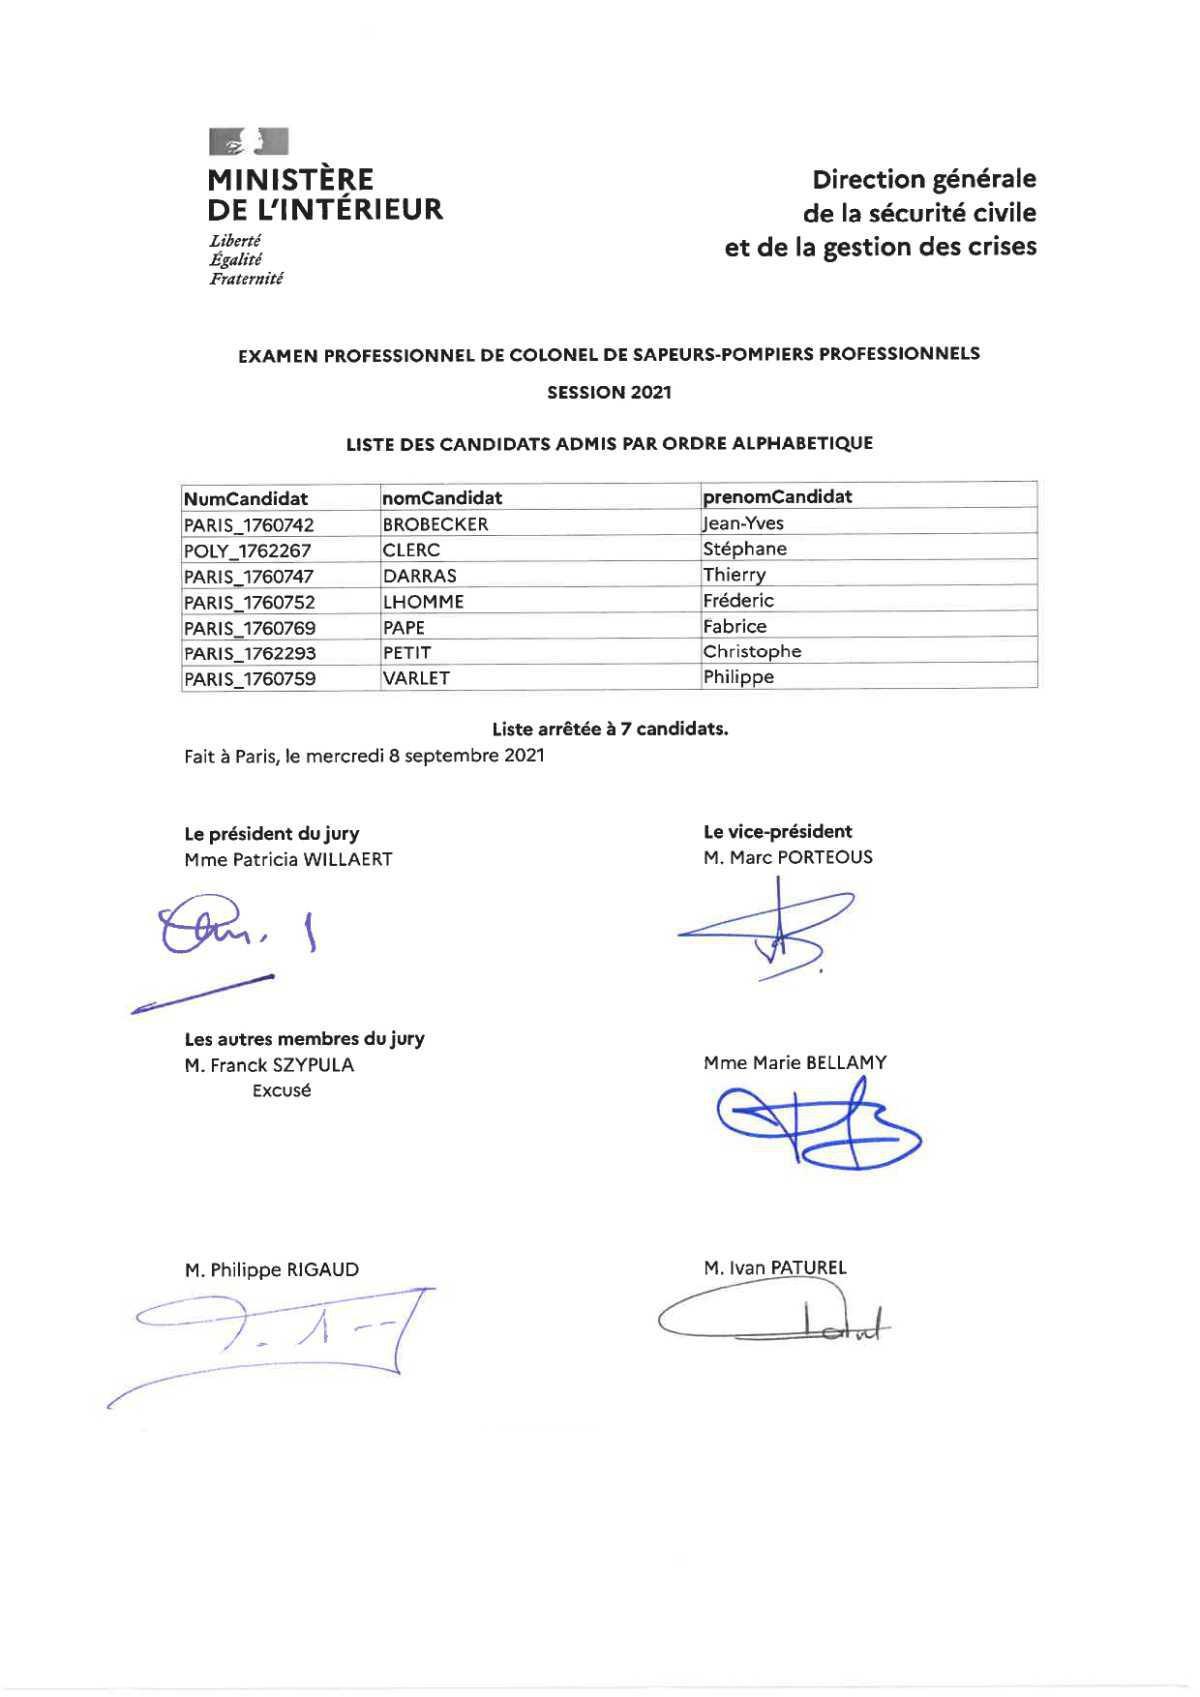 Liste des candidats admis à l'examen professionnel de colonel